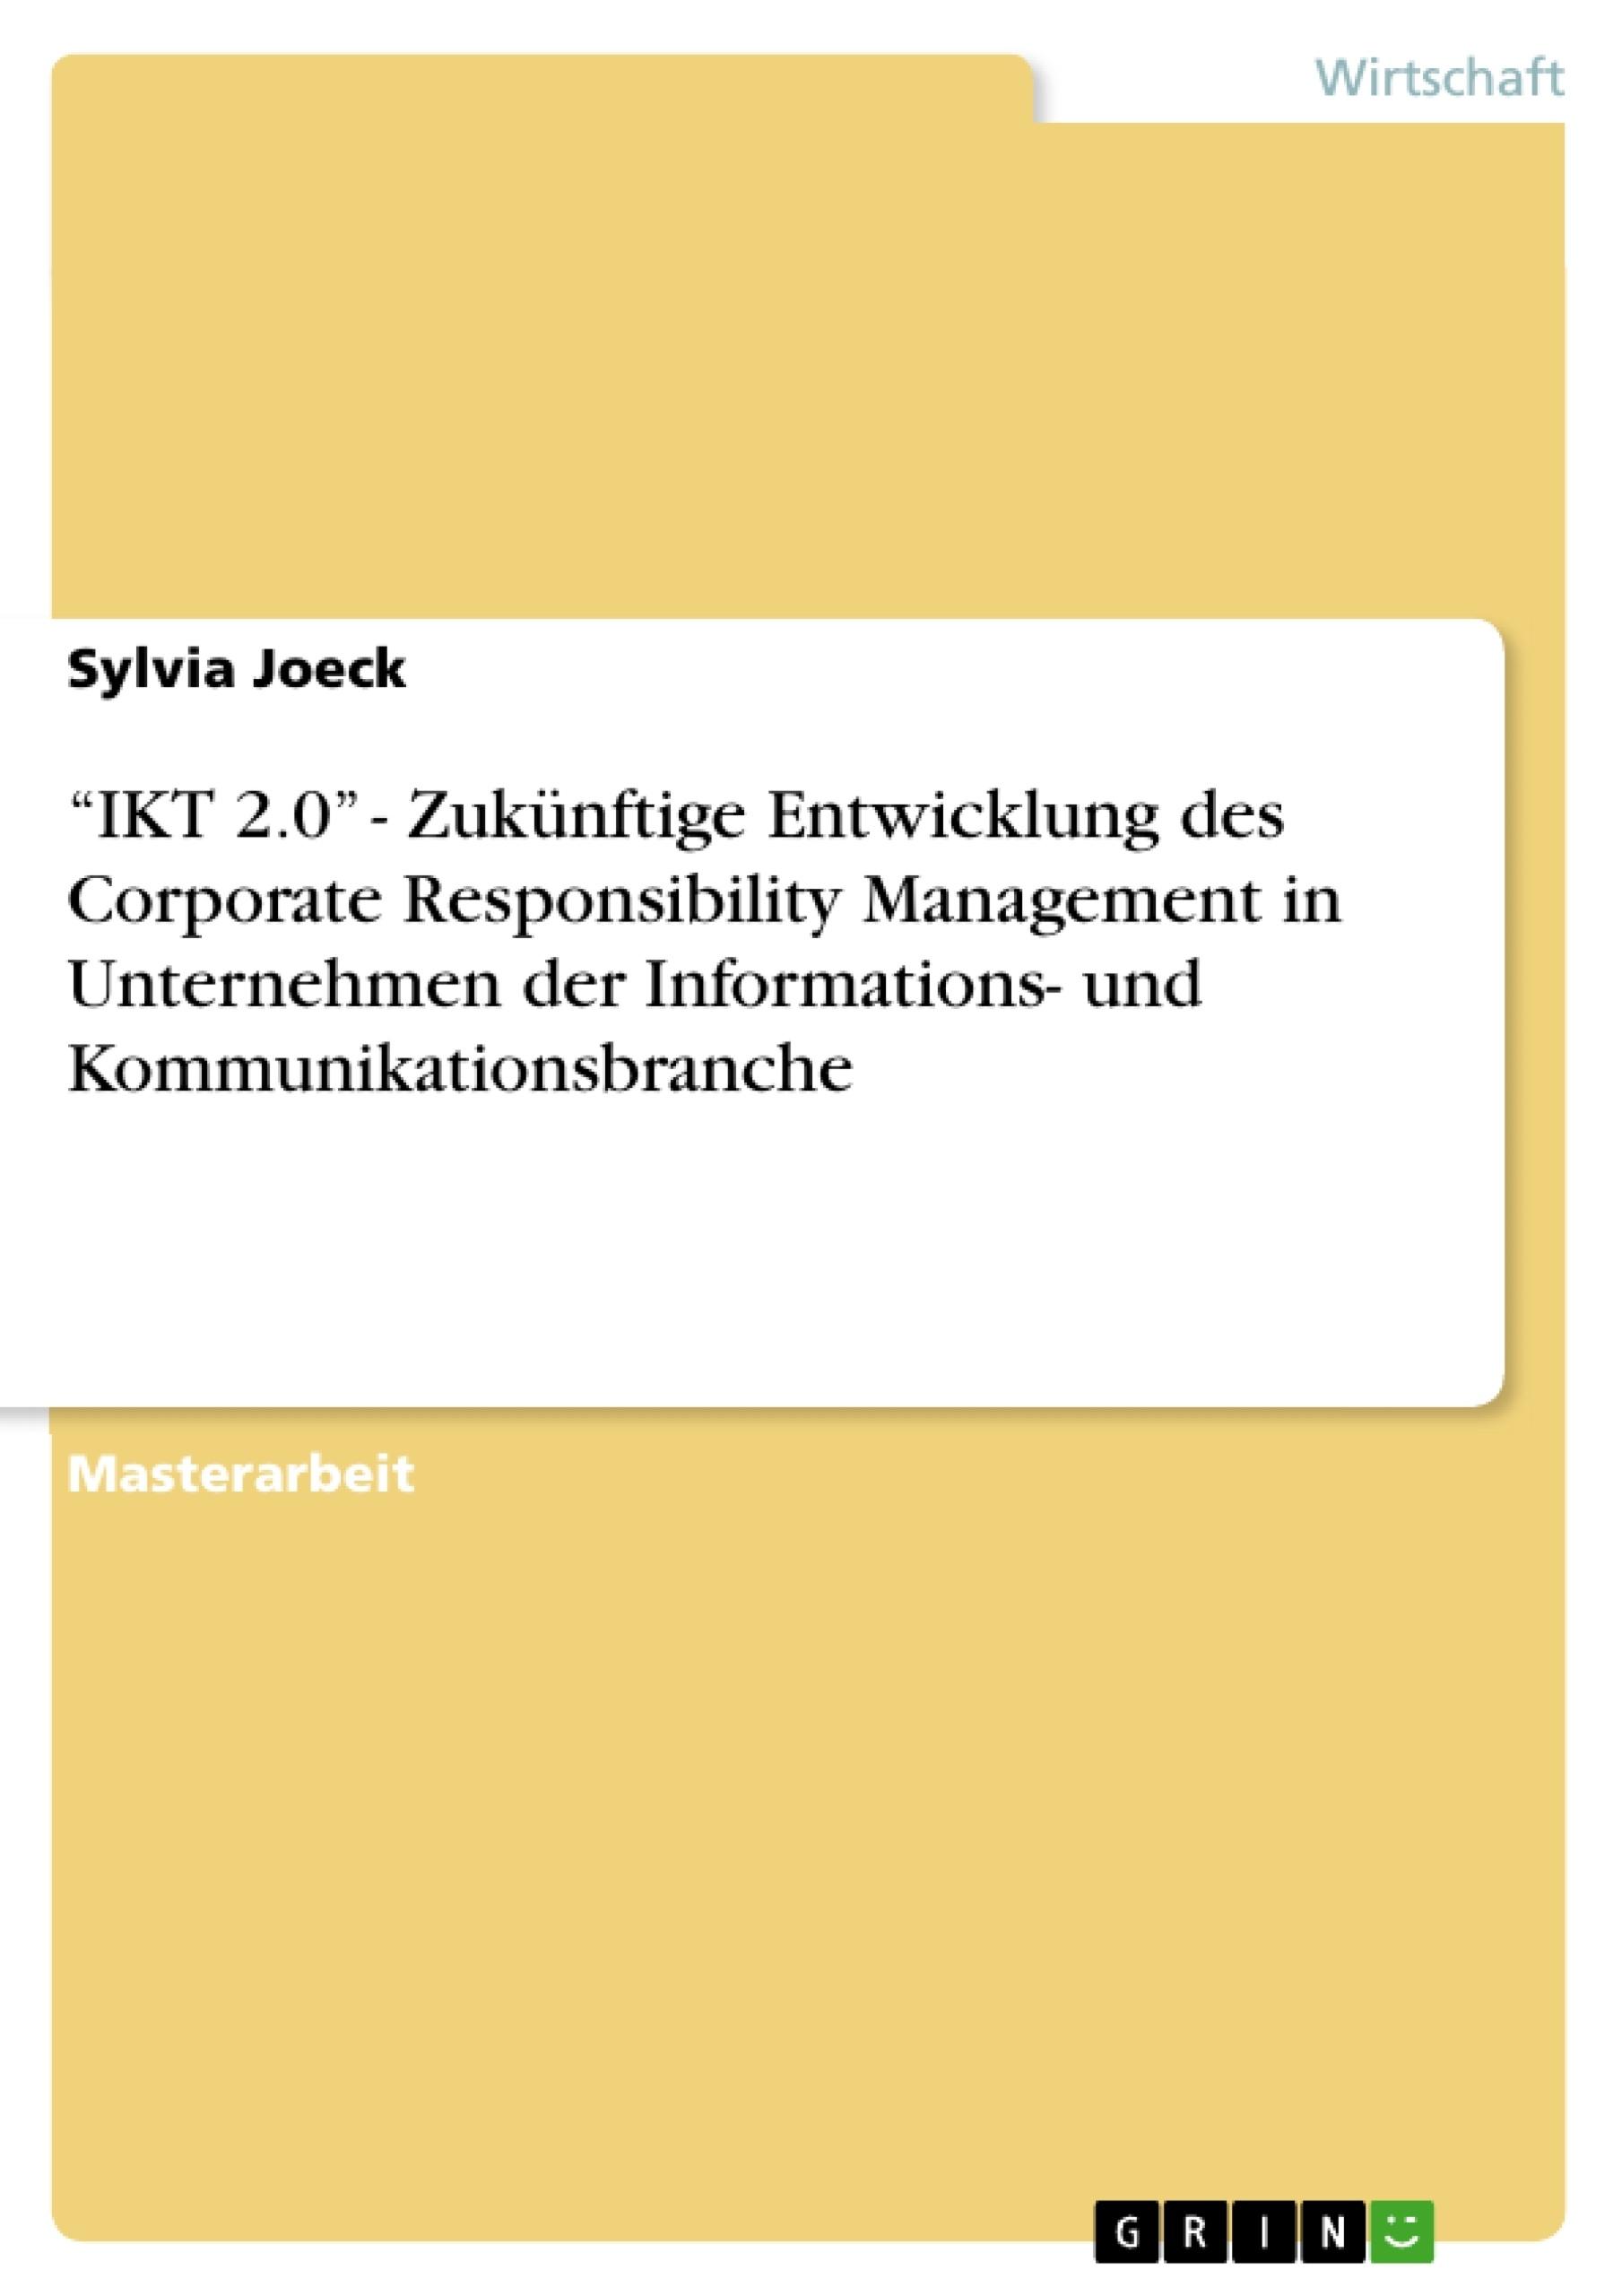 """Titel: """"IKT 2.0"""" - Zukünftige Entwicklung des Corporate Responsibility Management in Unternehmen der Informations- und Kommunikationsbranche"""